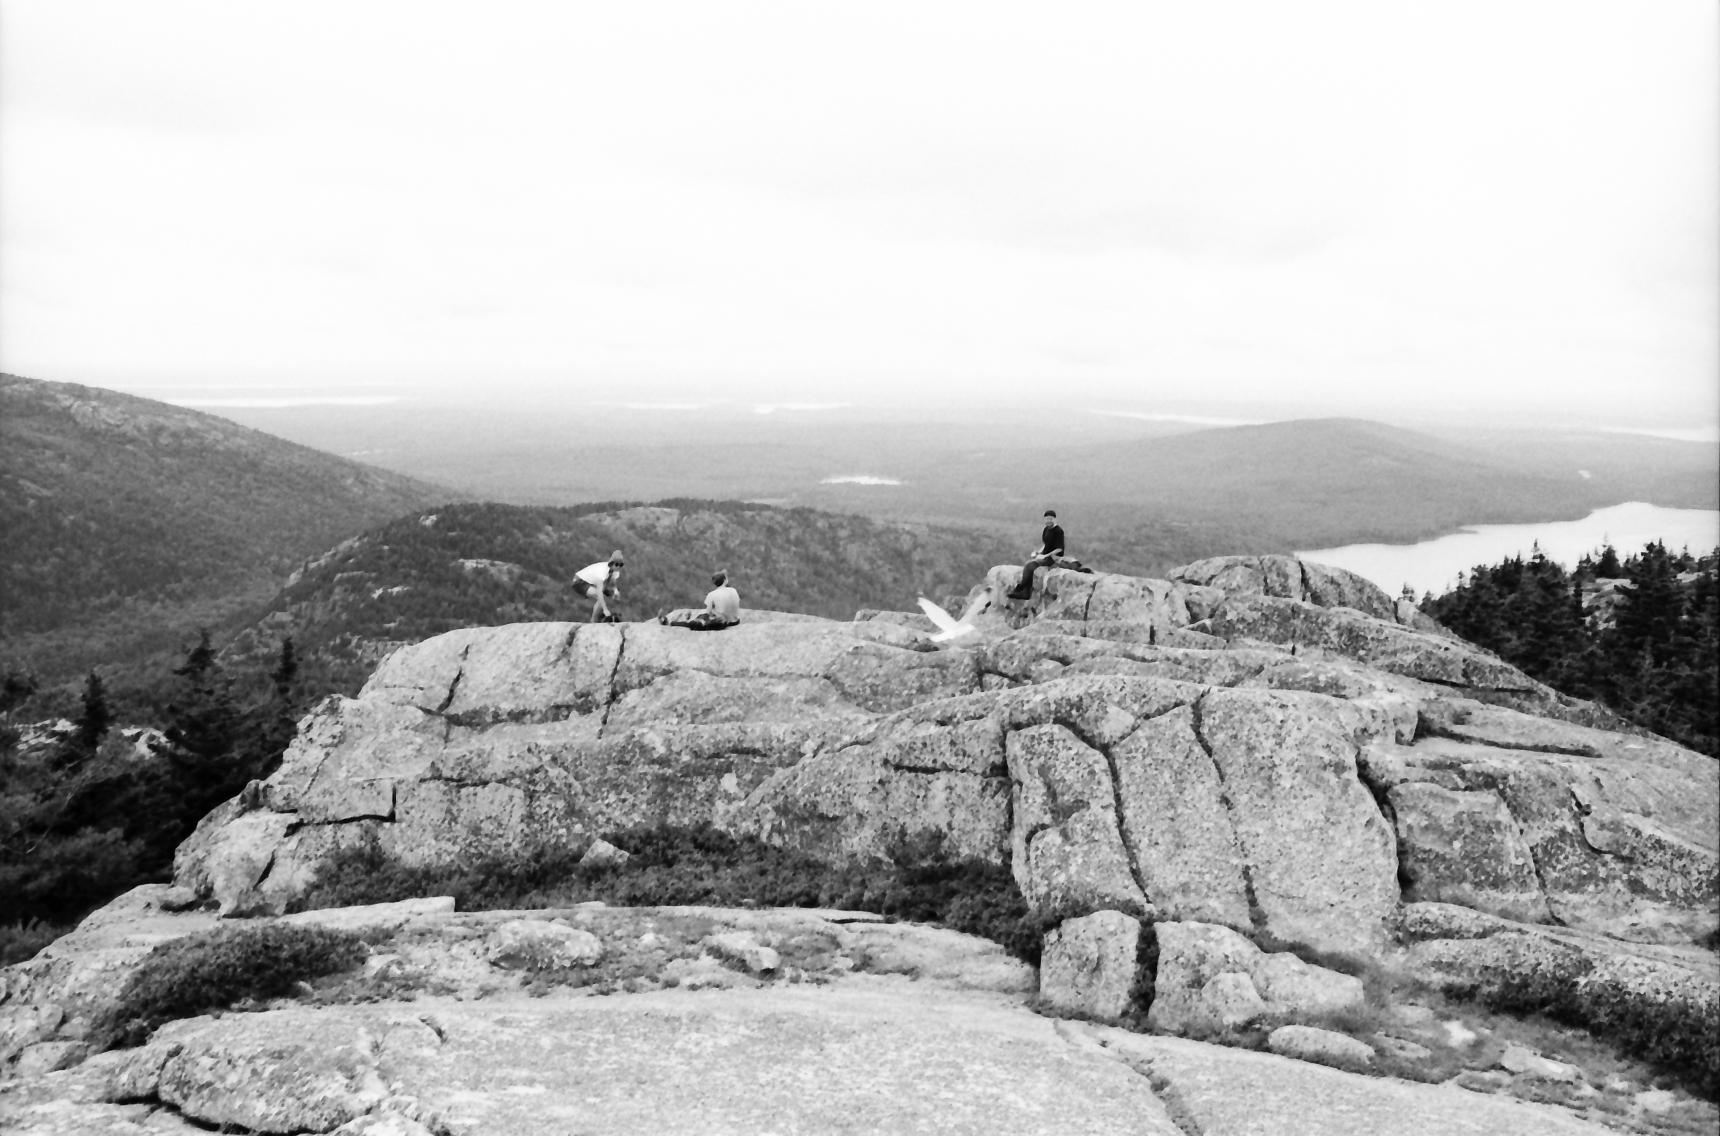 Acadia_Trip-57.jpg